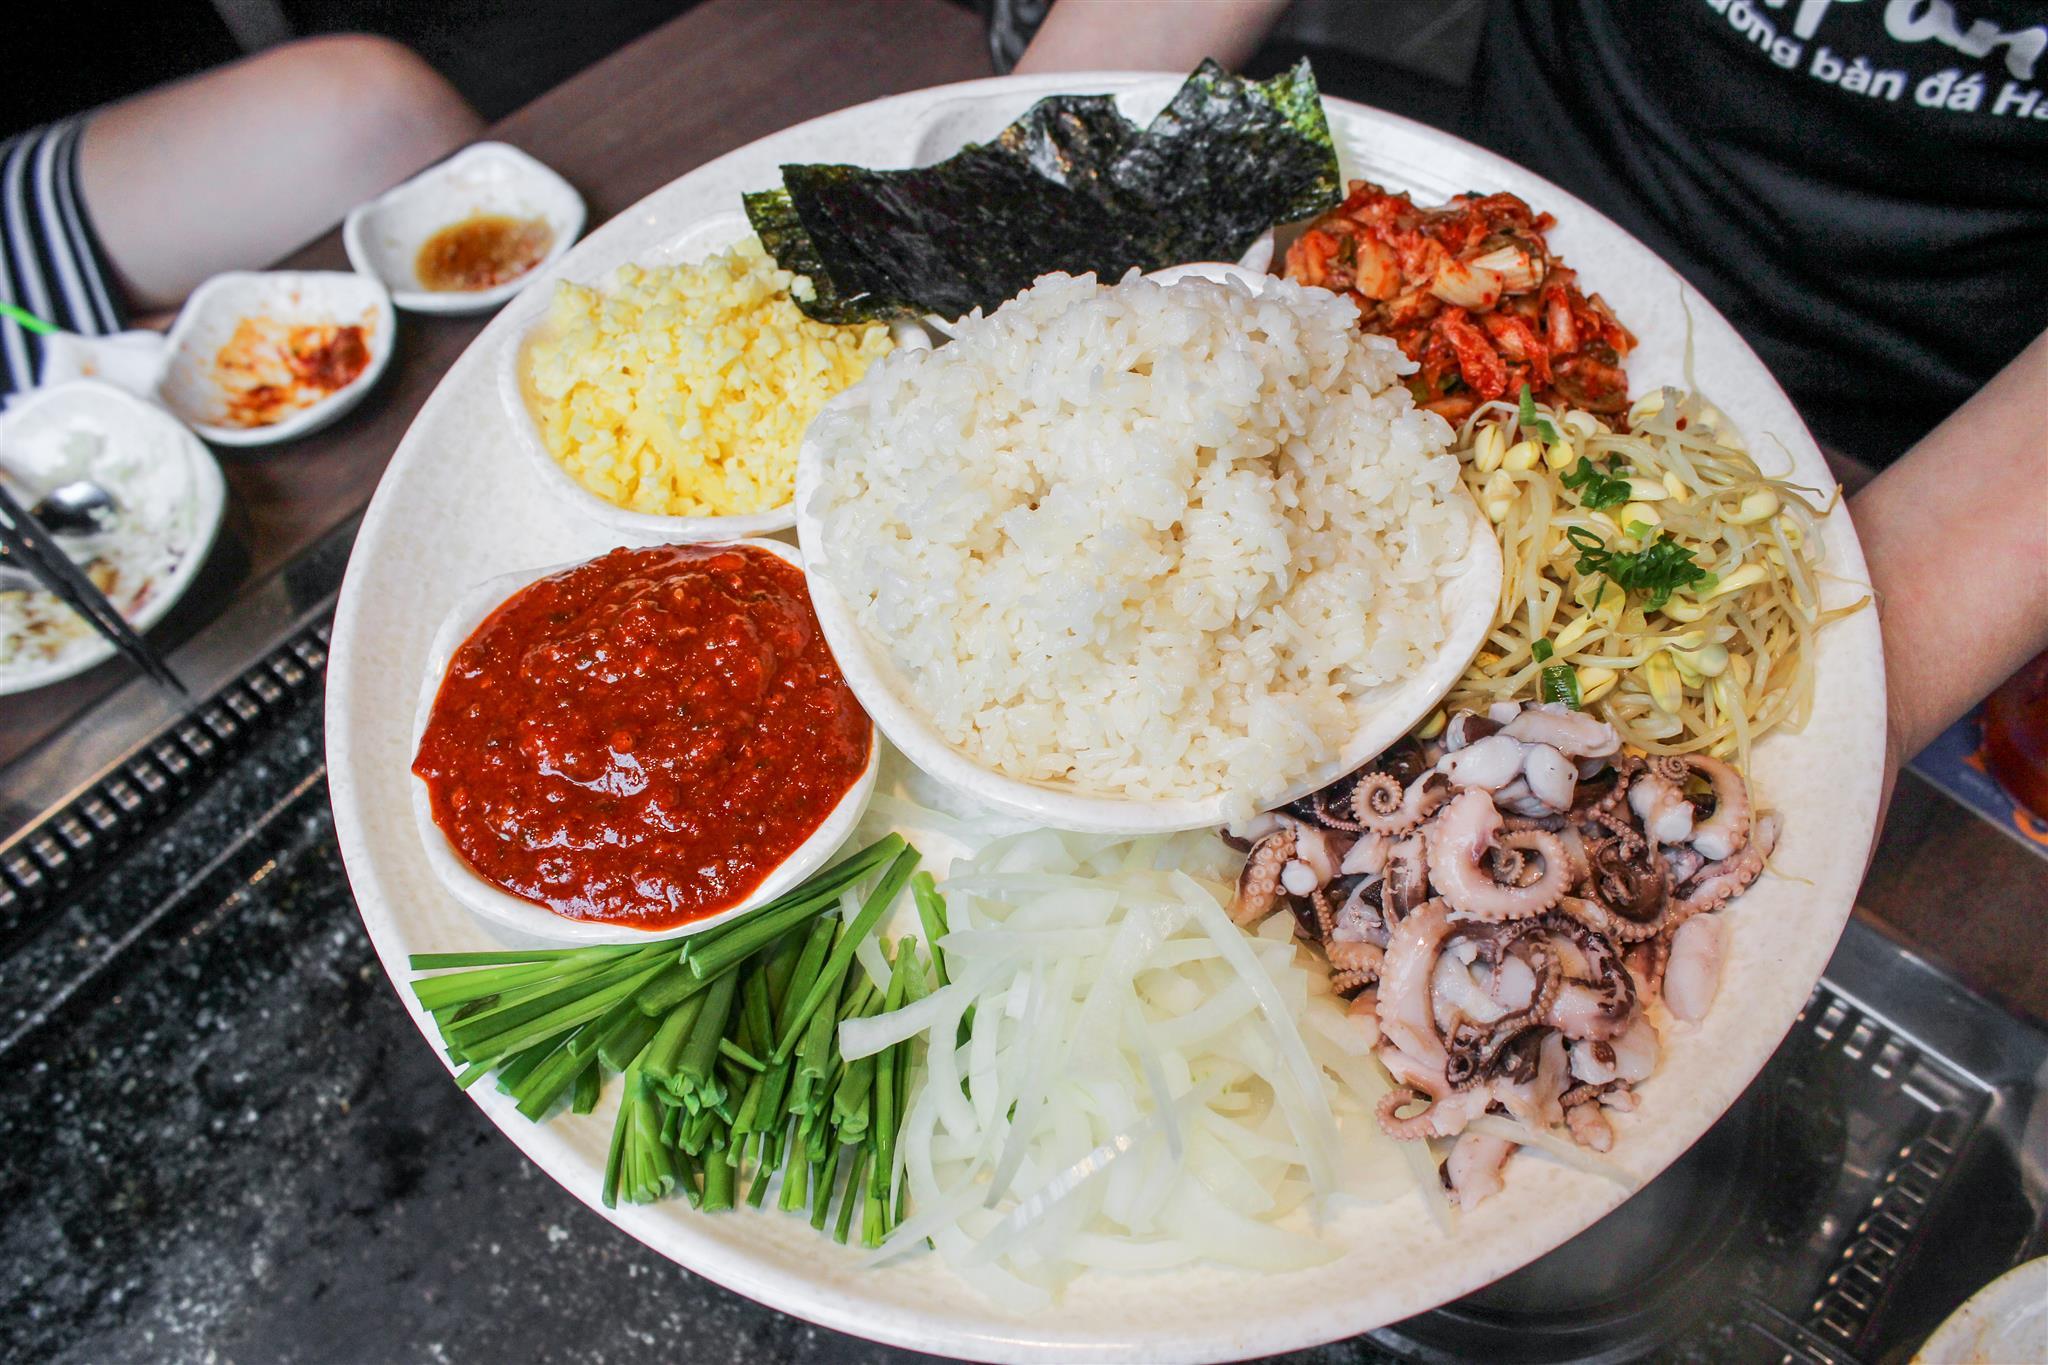 Thưởng thức buffet thịt nướng bàn đá độc đáo từ Hàn Quốc - Ảnh 6.